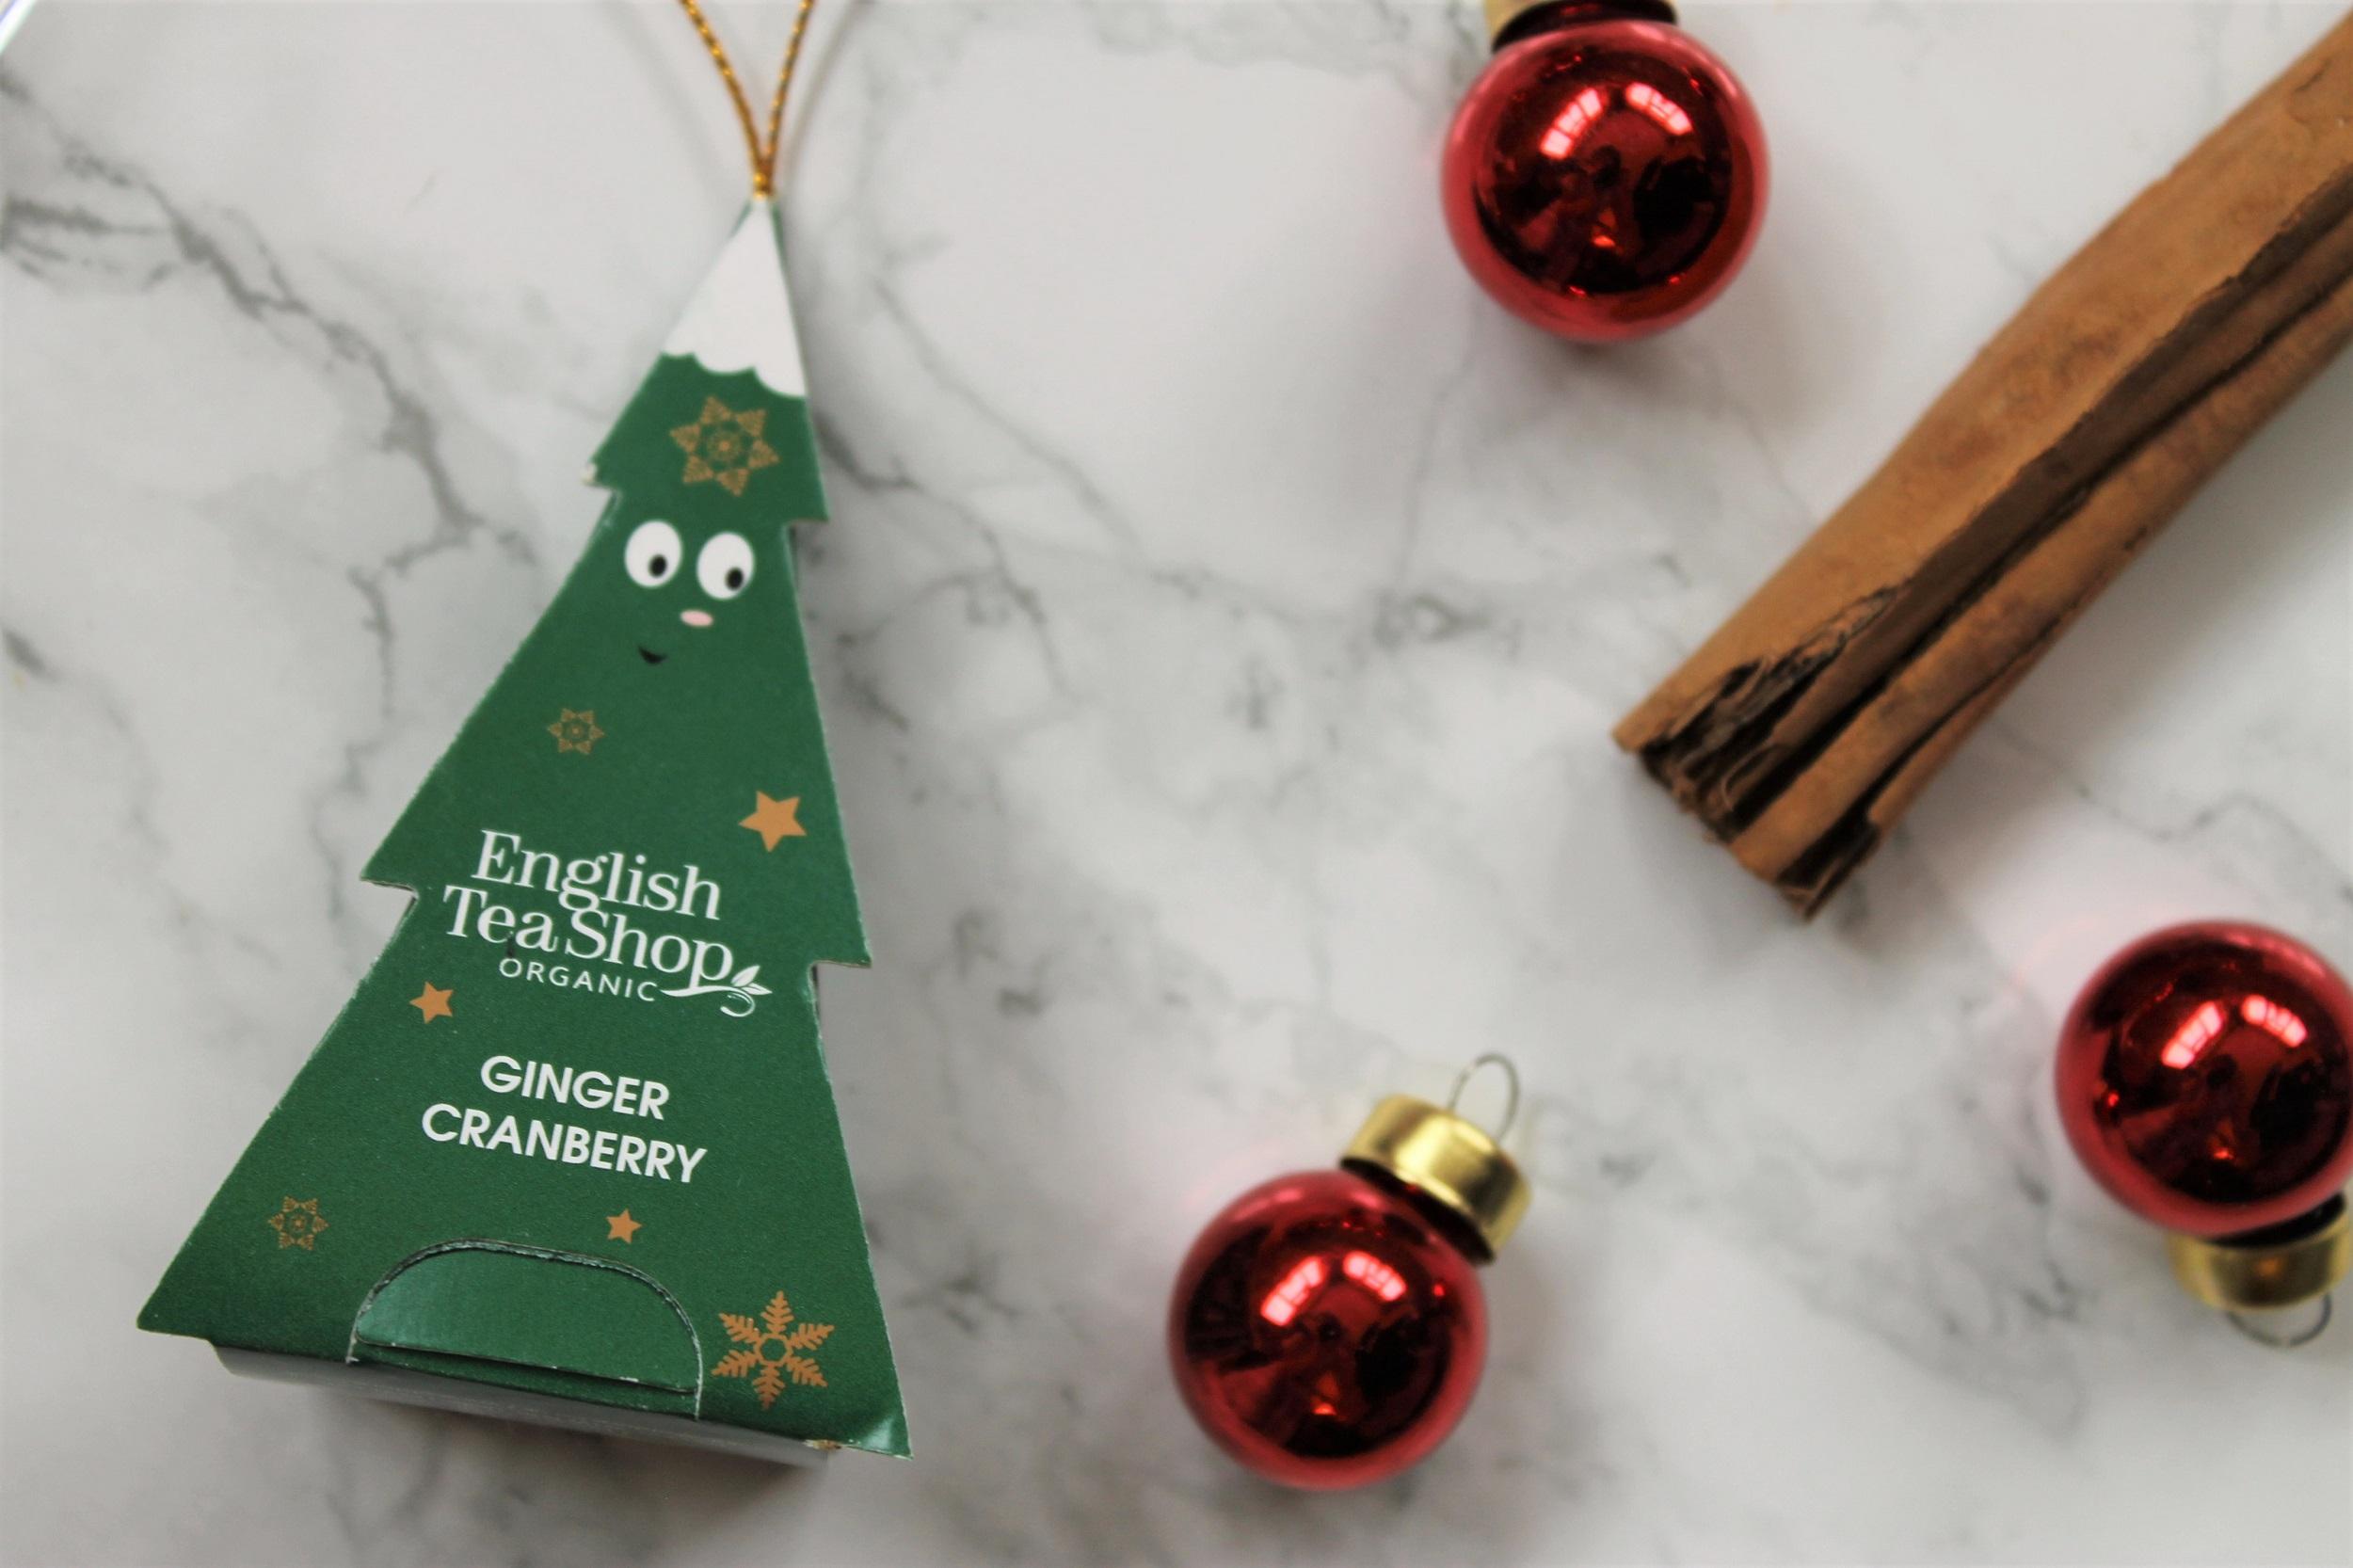 ets ginger cranberry tea